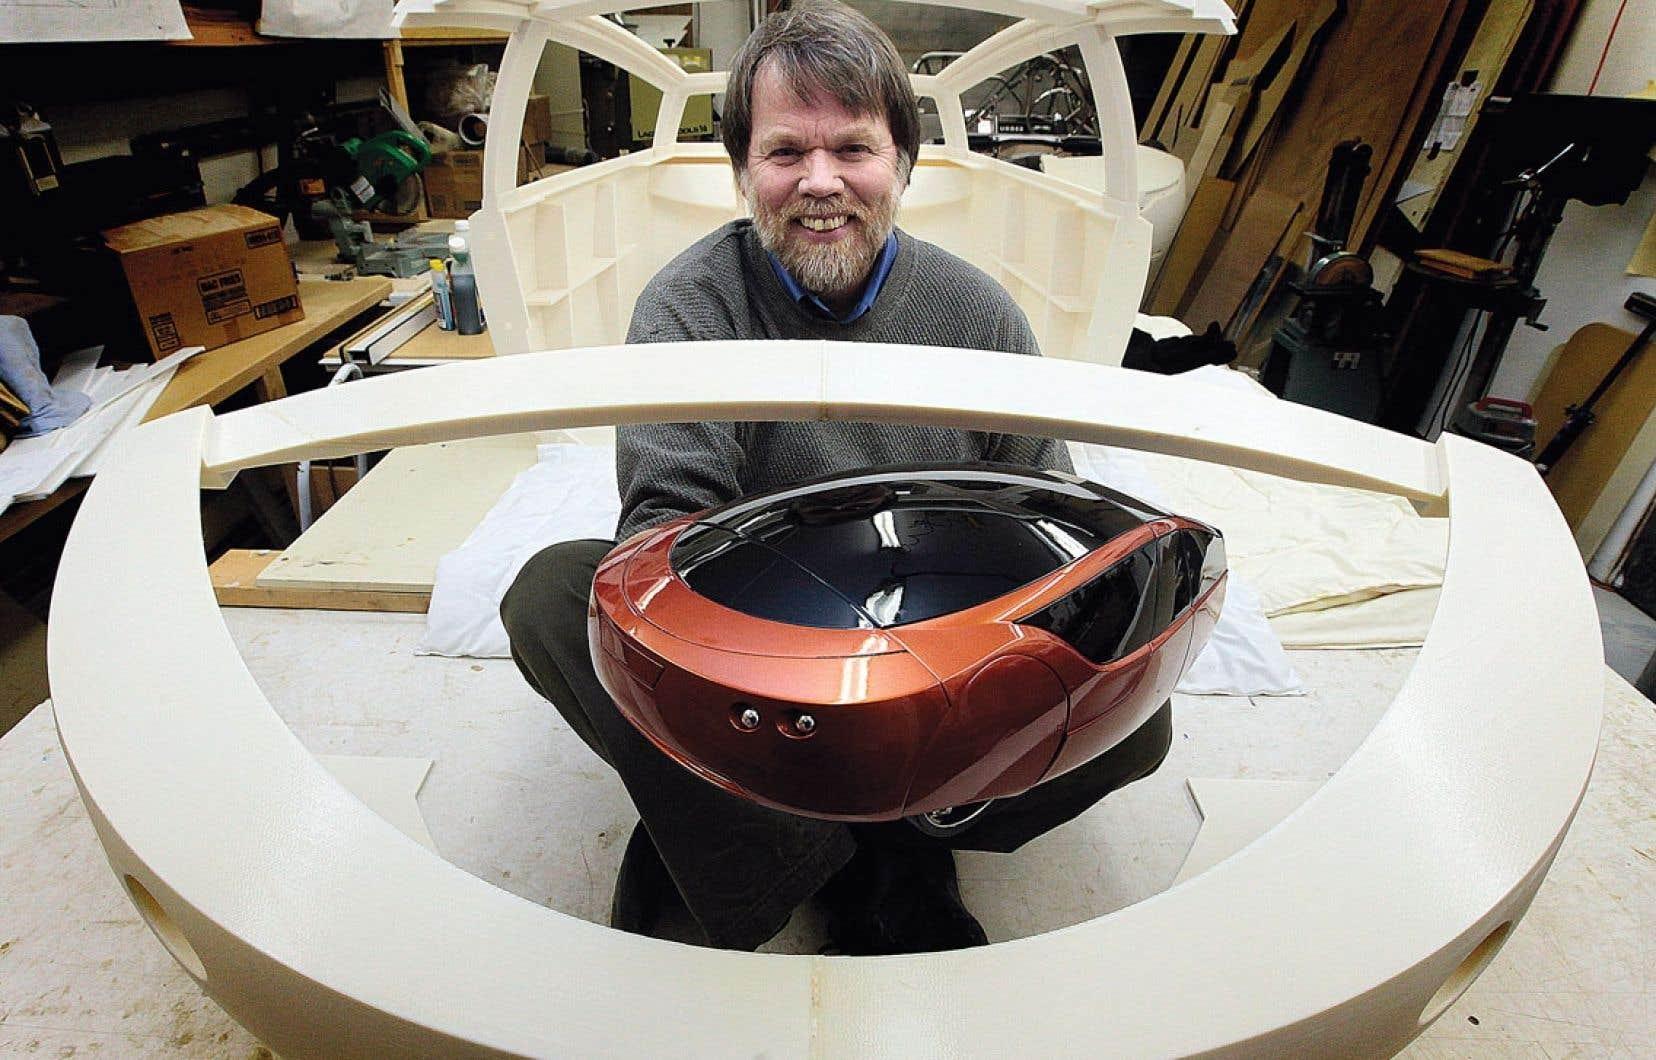 L'ingénieur Jim Kor, président de KOR EcoLogic, entouré de quelques panneaux de carrosserie de l'Urbee, qui ont été produits à l'aide d'une imprimante tridimensionnelle. Il tient une maquette à 1/6 de l'Urbee, elle aussi produite à l'aide d'une imprimante 3D.